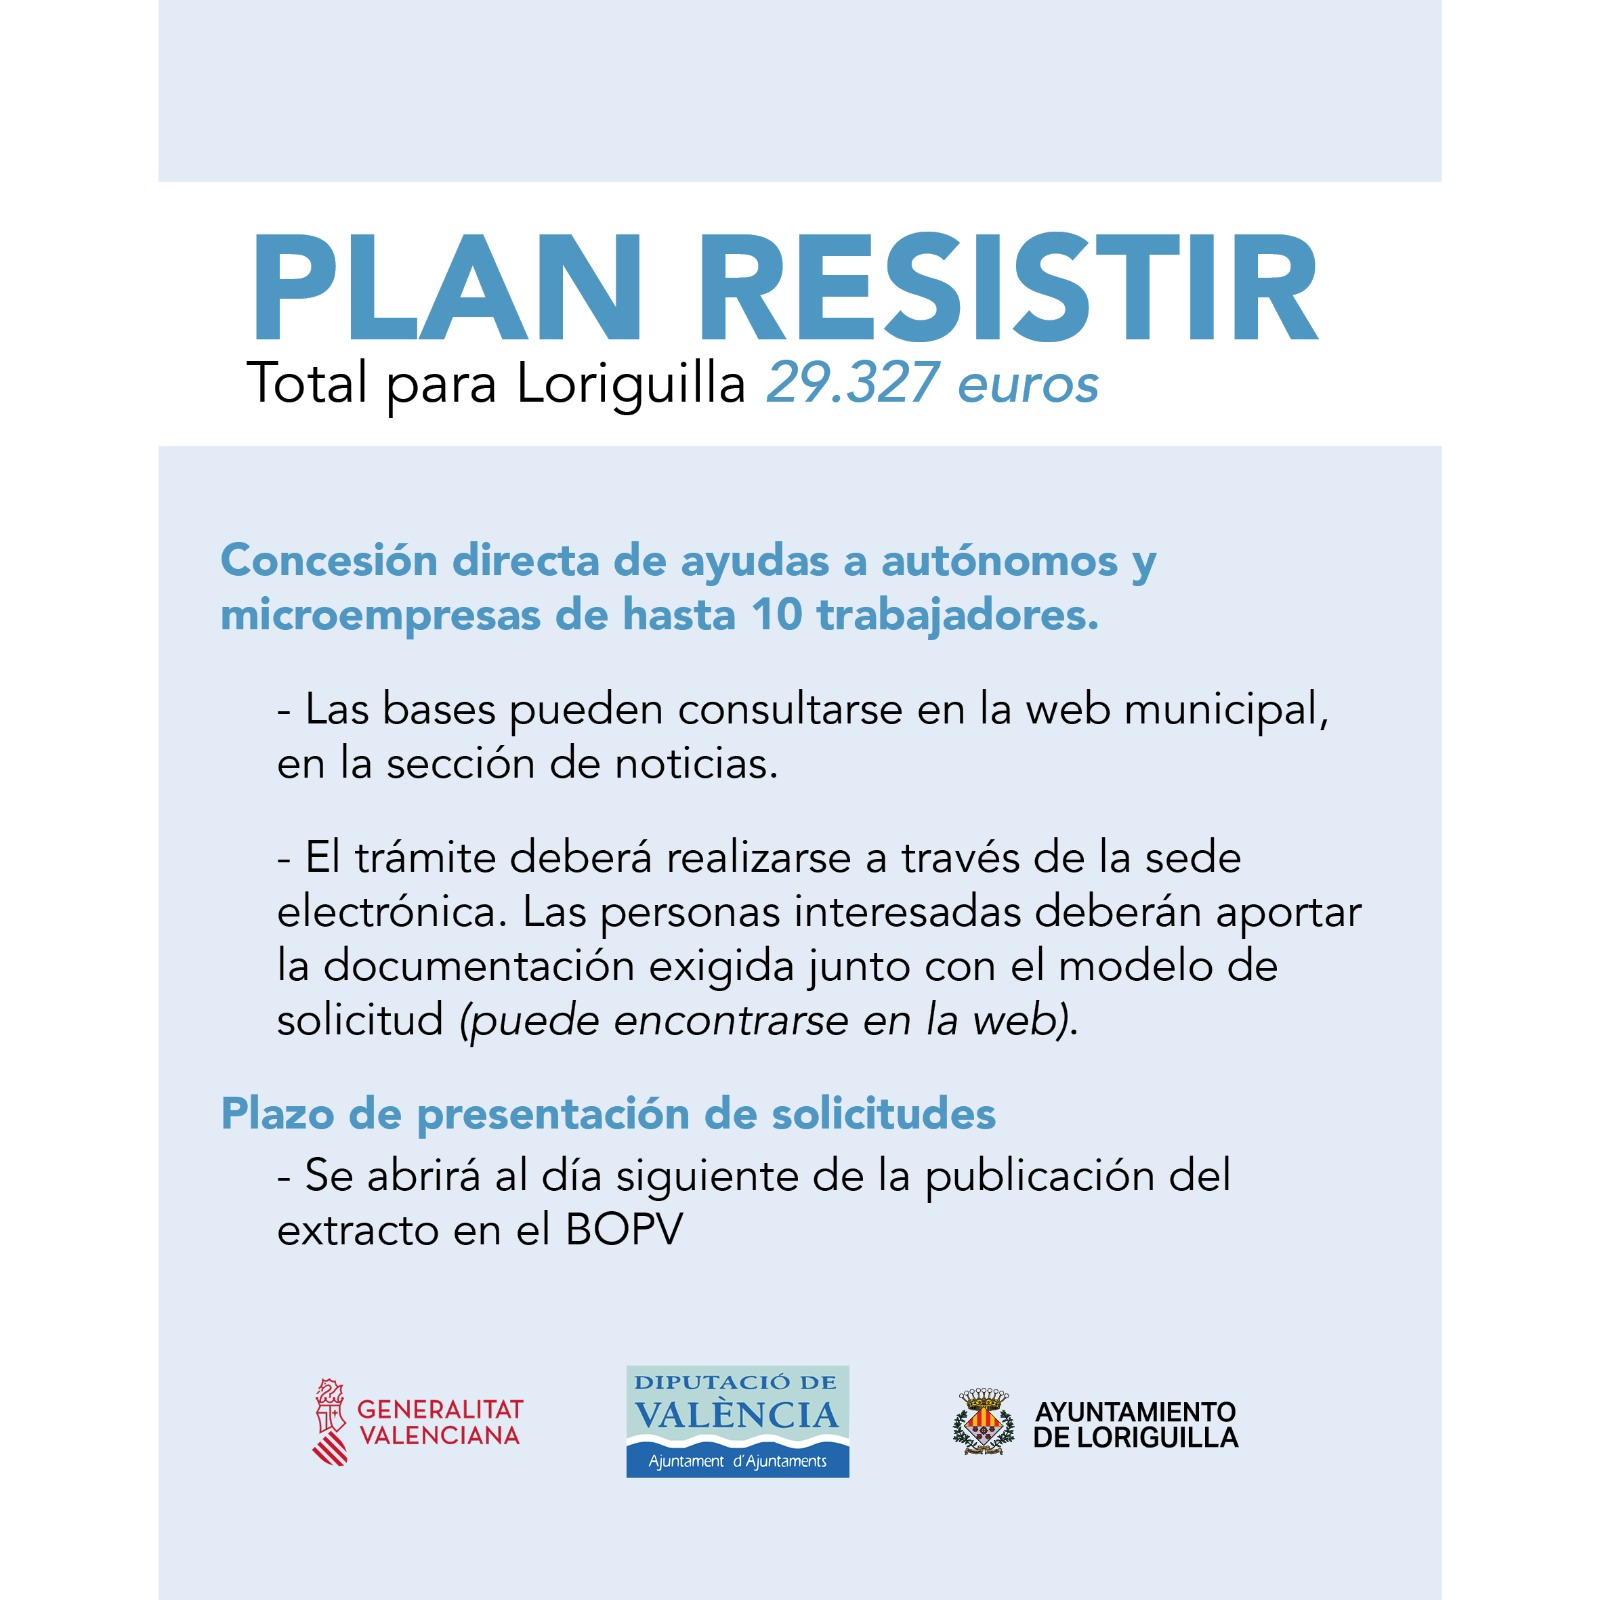 Loriguilla aprueba las bases de concesión directa de ayudas a autónomos y microempresas de hasta 10 trabajadores-Plan Paréntesis incluido en el Plan Resistir de la Generalitat (pendiente abrir plazo solicitud)